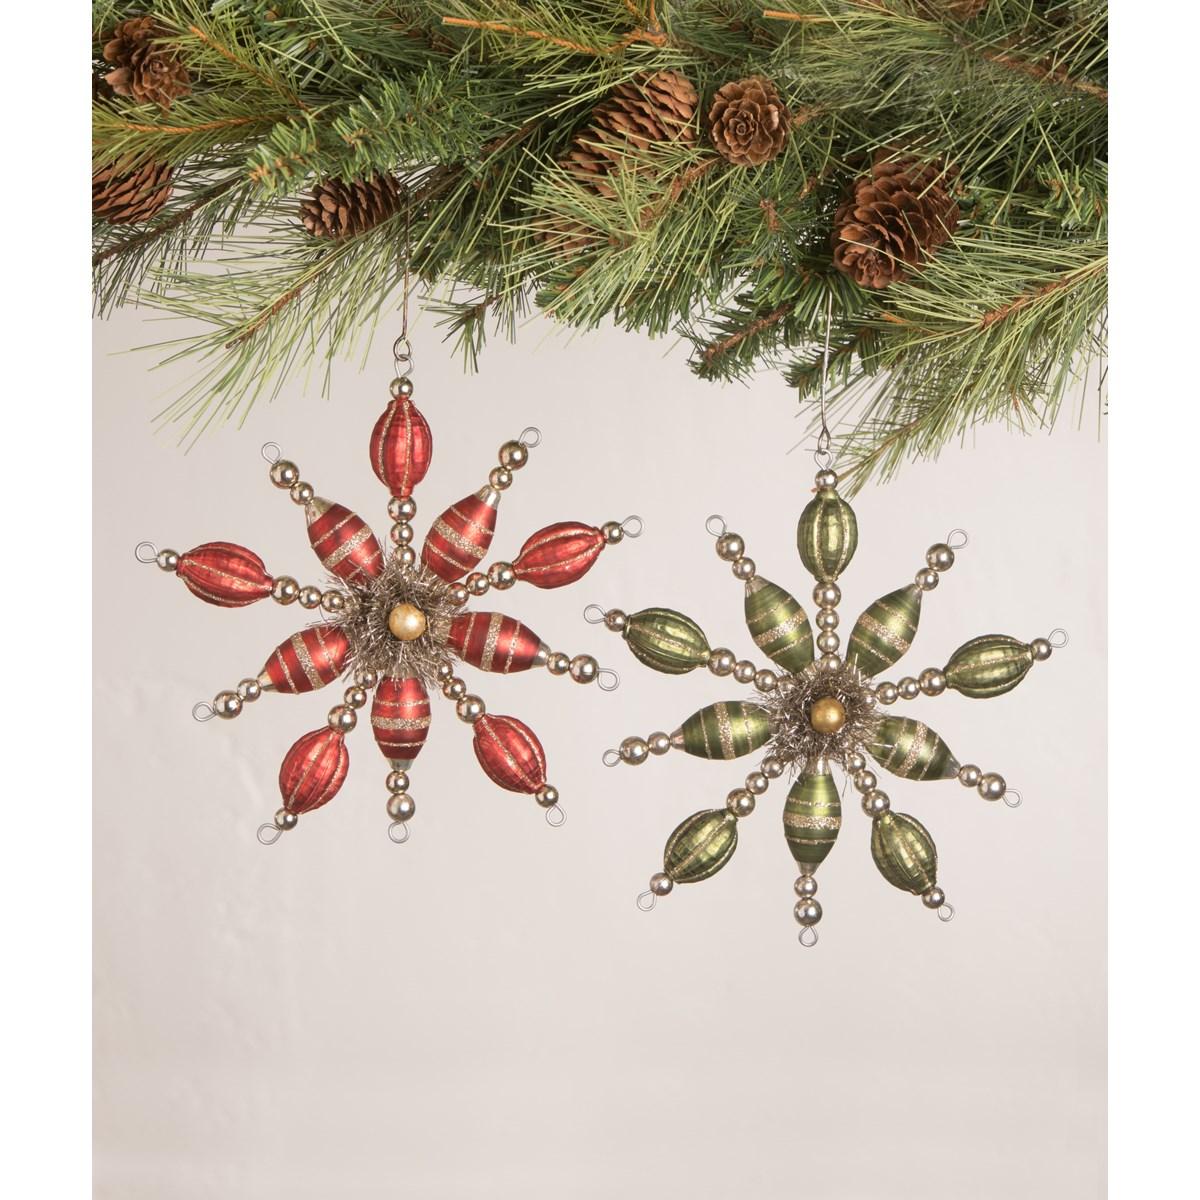 Vintage Starburst Ornament 2A